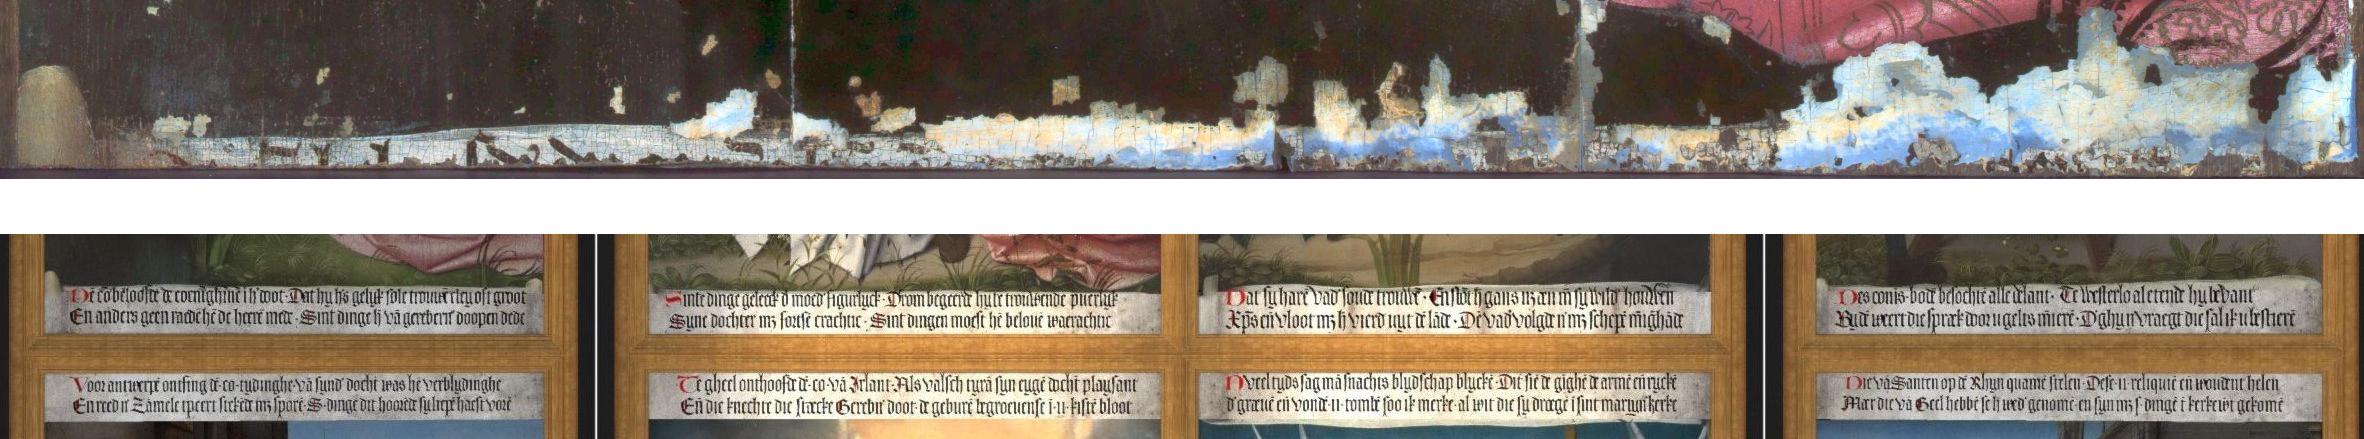 Retable de sainte Dimphne: pied du premier panneau (haut), restauration virtuelle des huit inscriptions (bas)